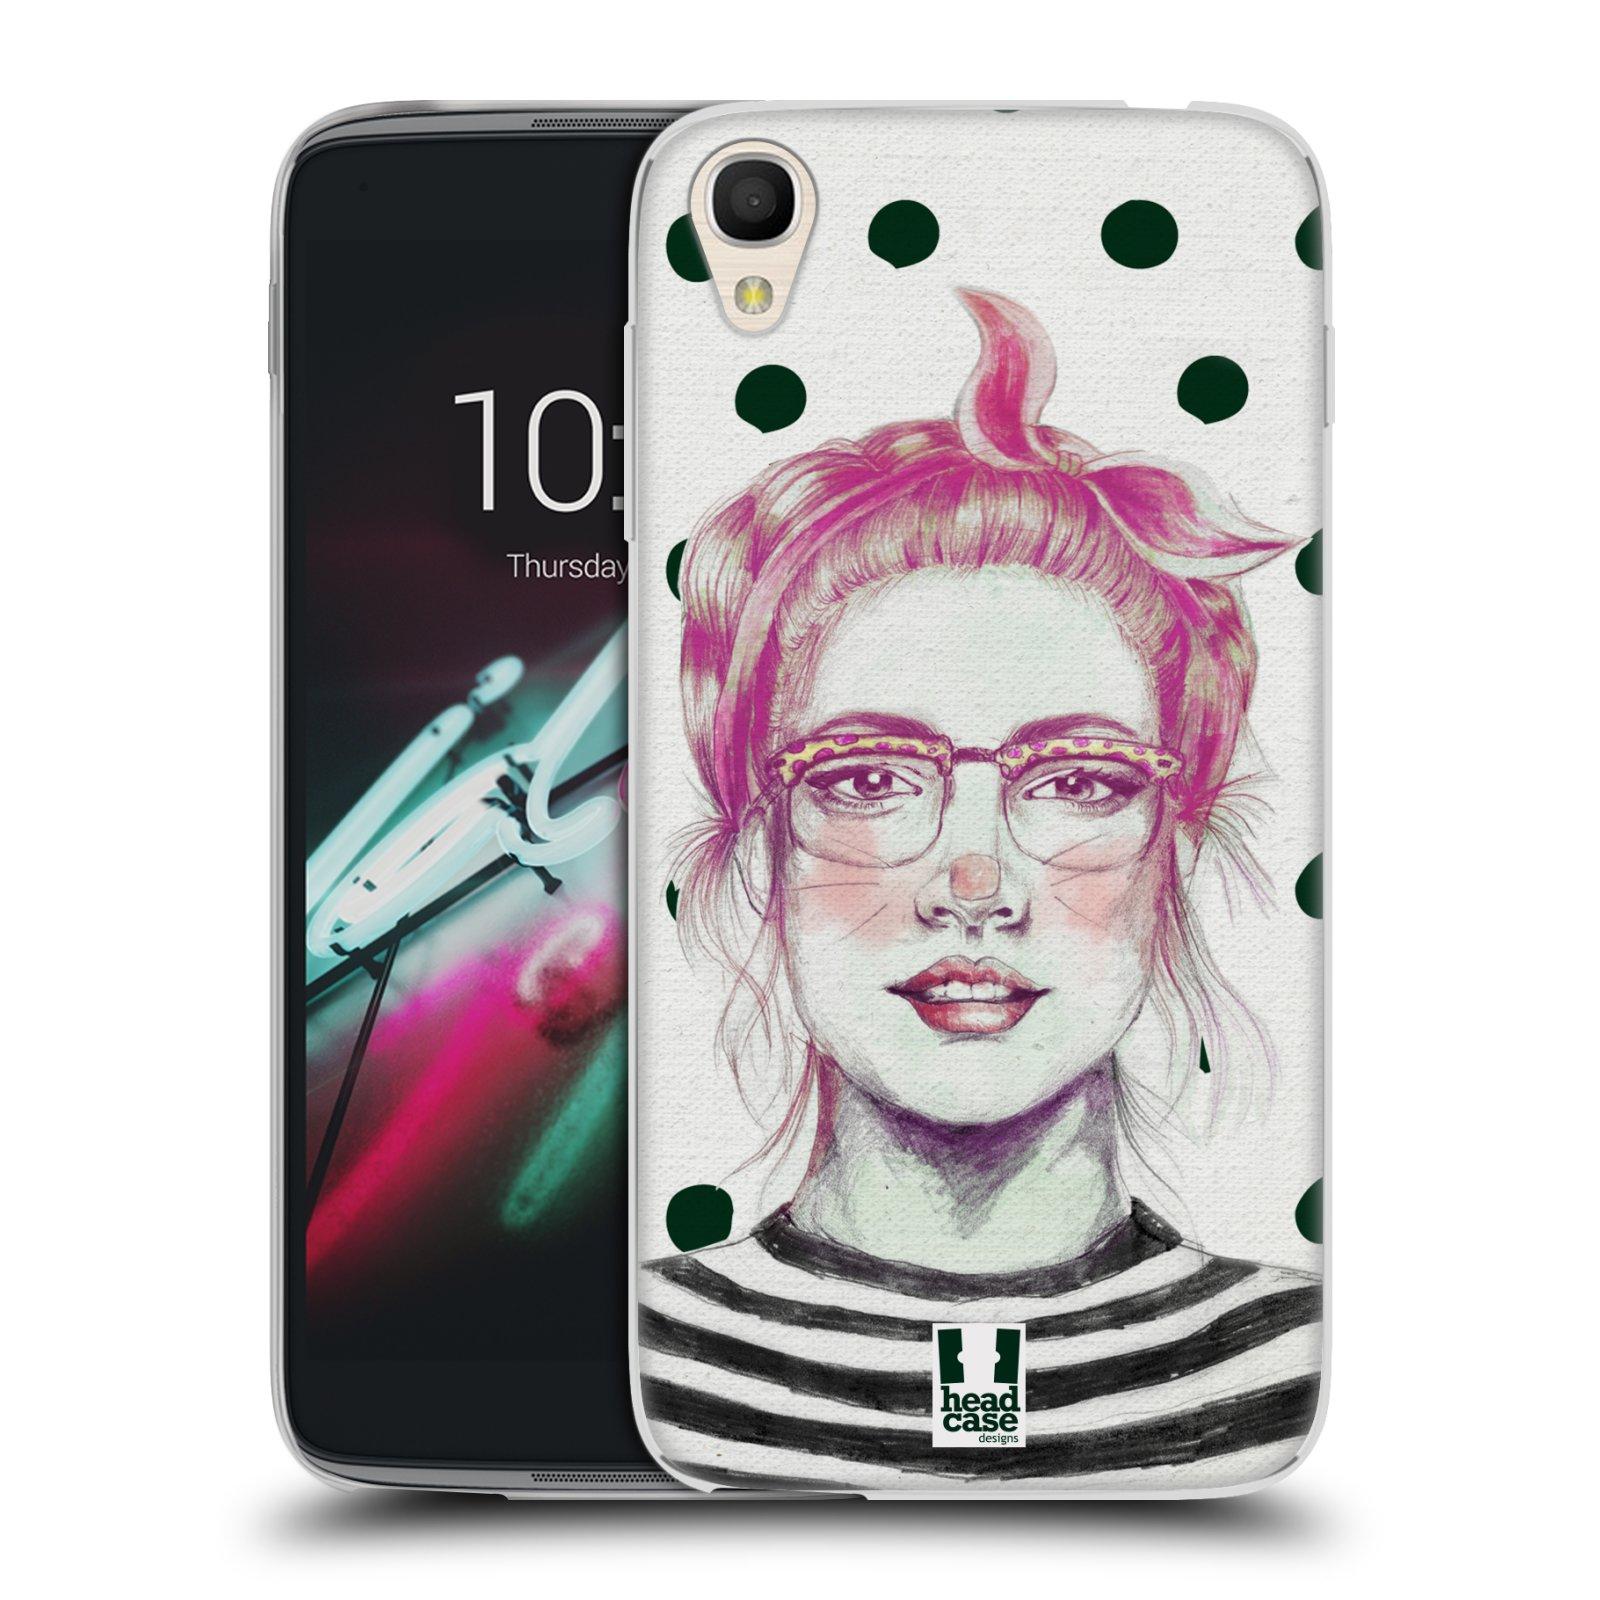 HEAD CASE silikonový obal na mobil Alcatel Idol 3 OT-6039Y (4.7) vzor Děvče zvířecí tématika zajíček puntíky